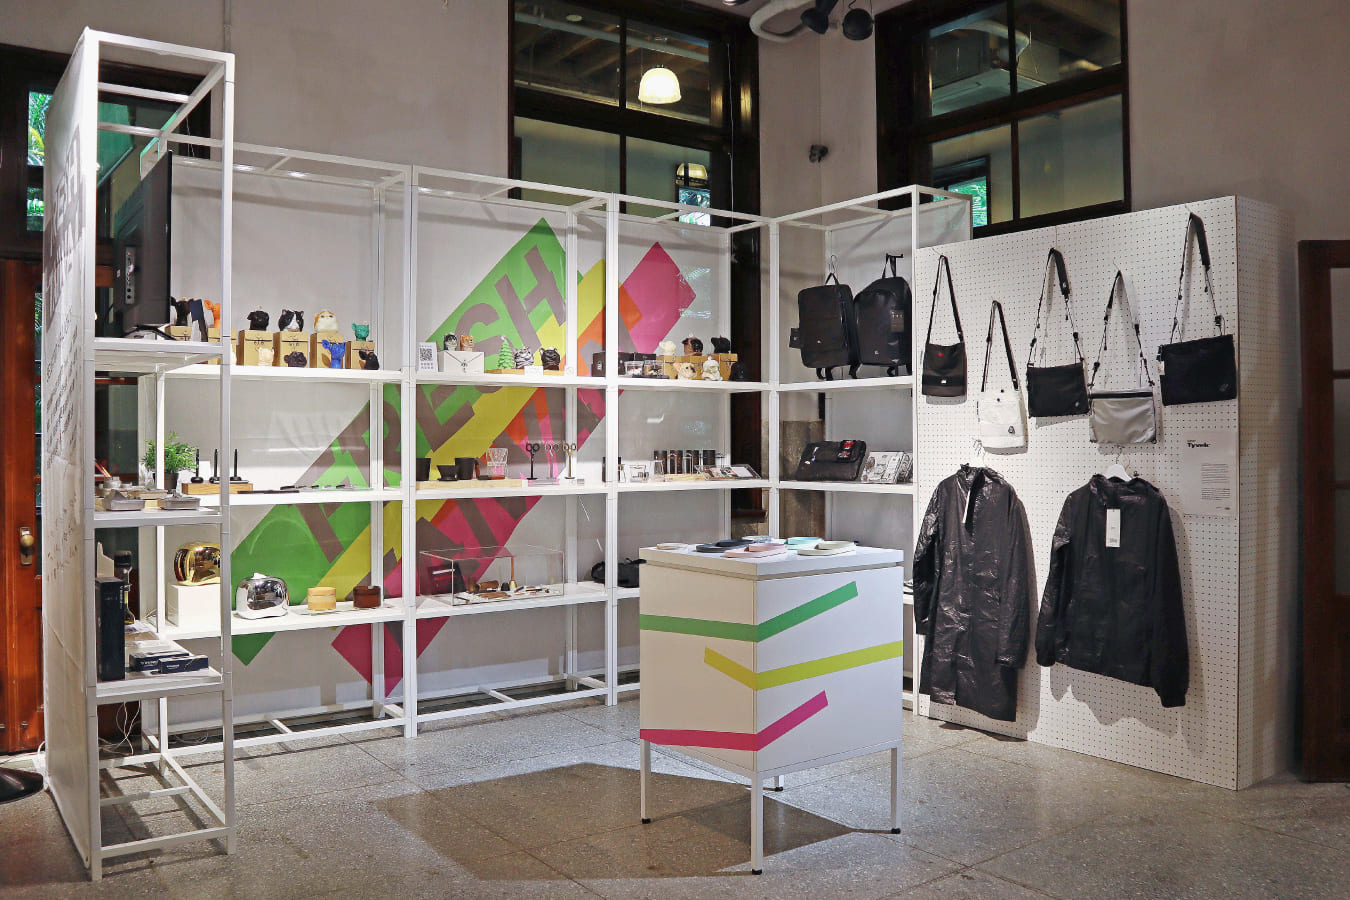 世界舞台上的臺灣文創招牌 Fresh Taiwan將於國內五大創意園區展售